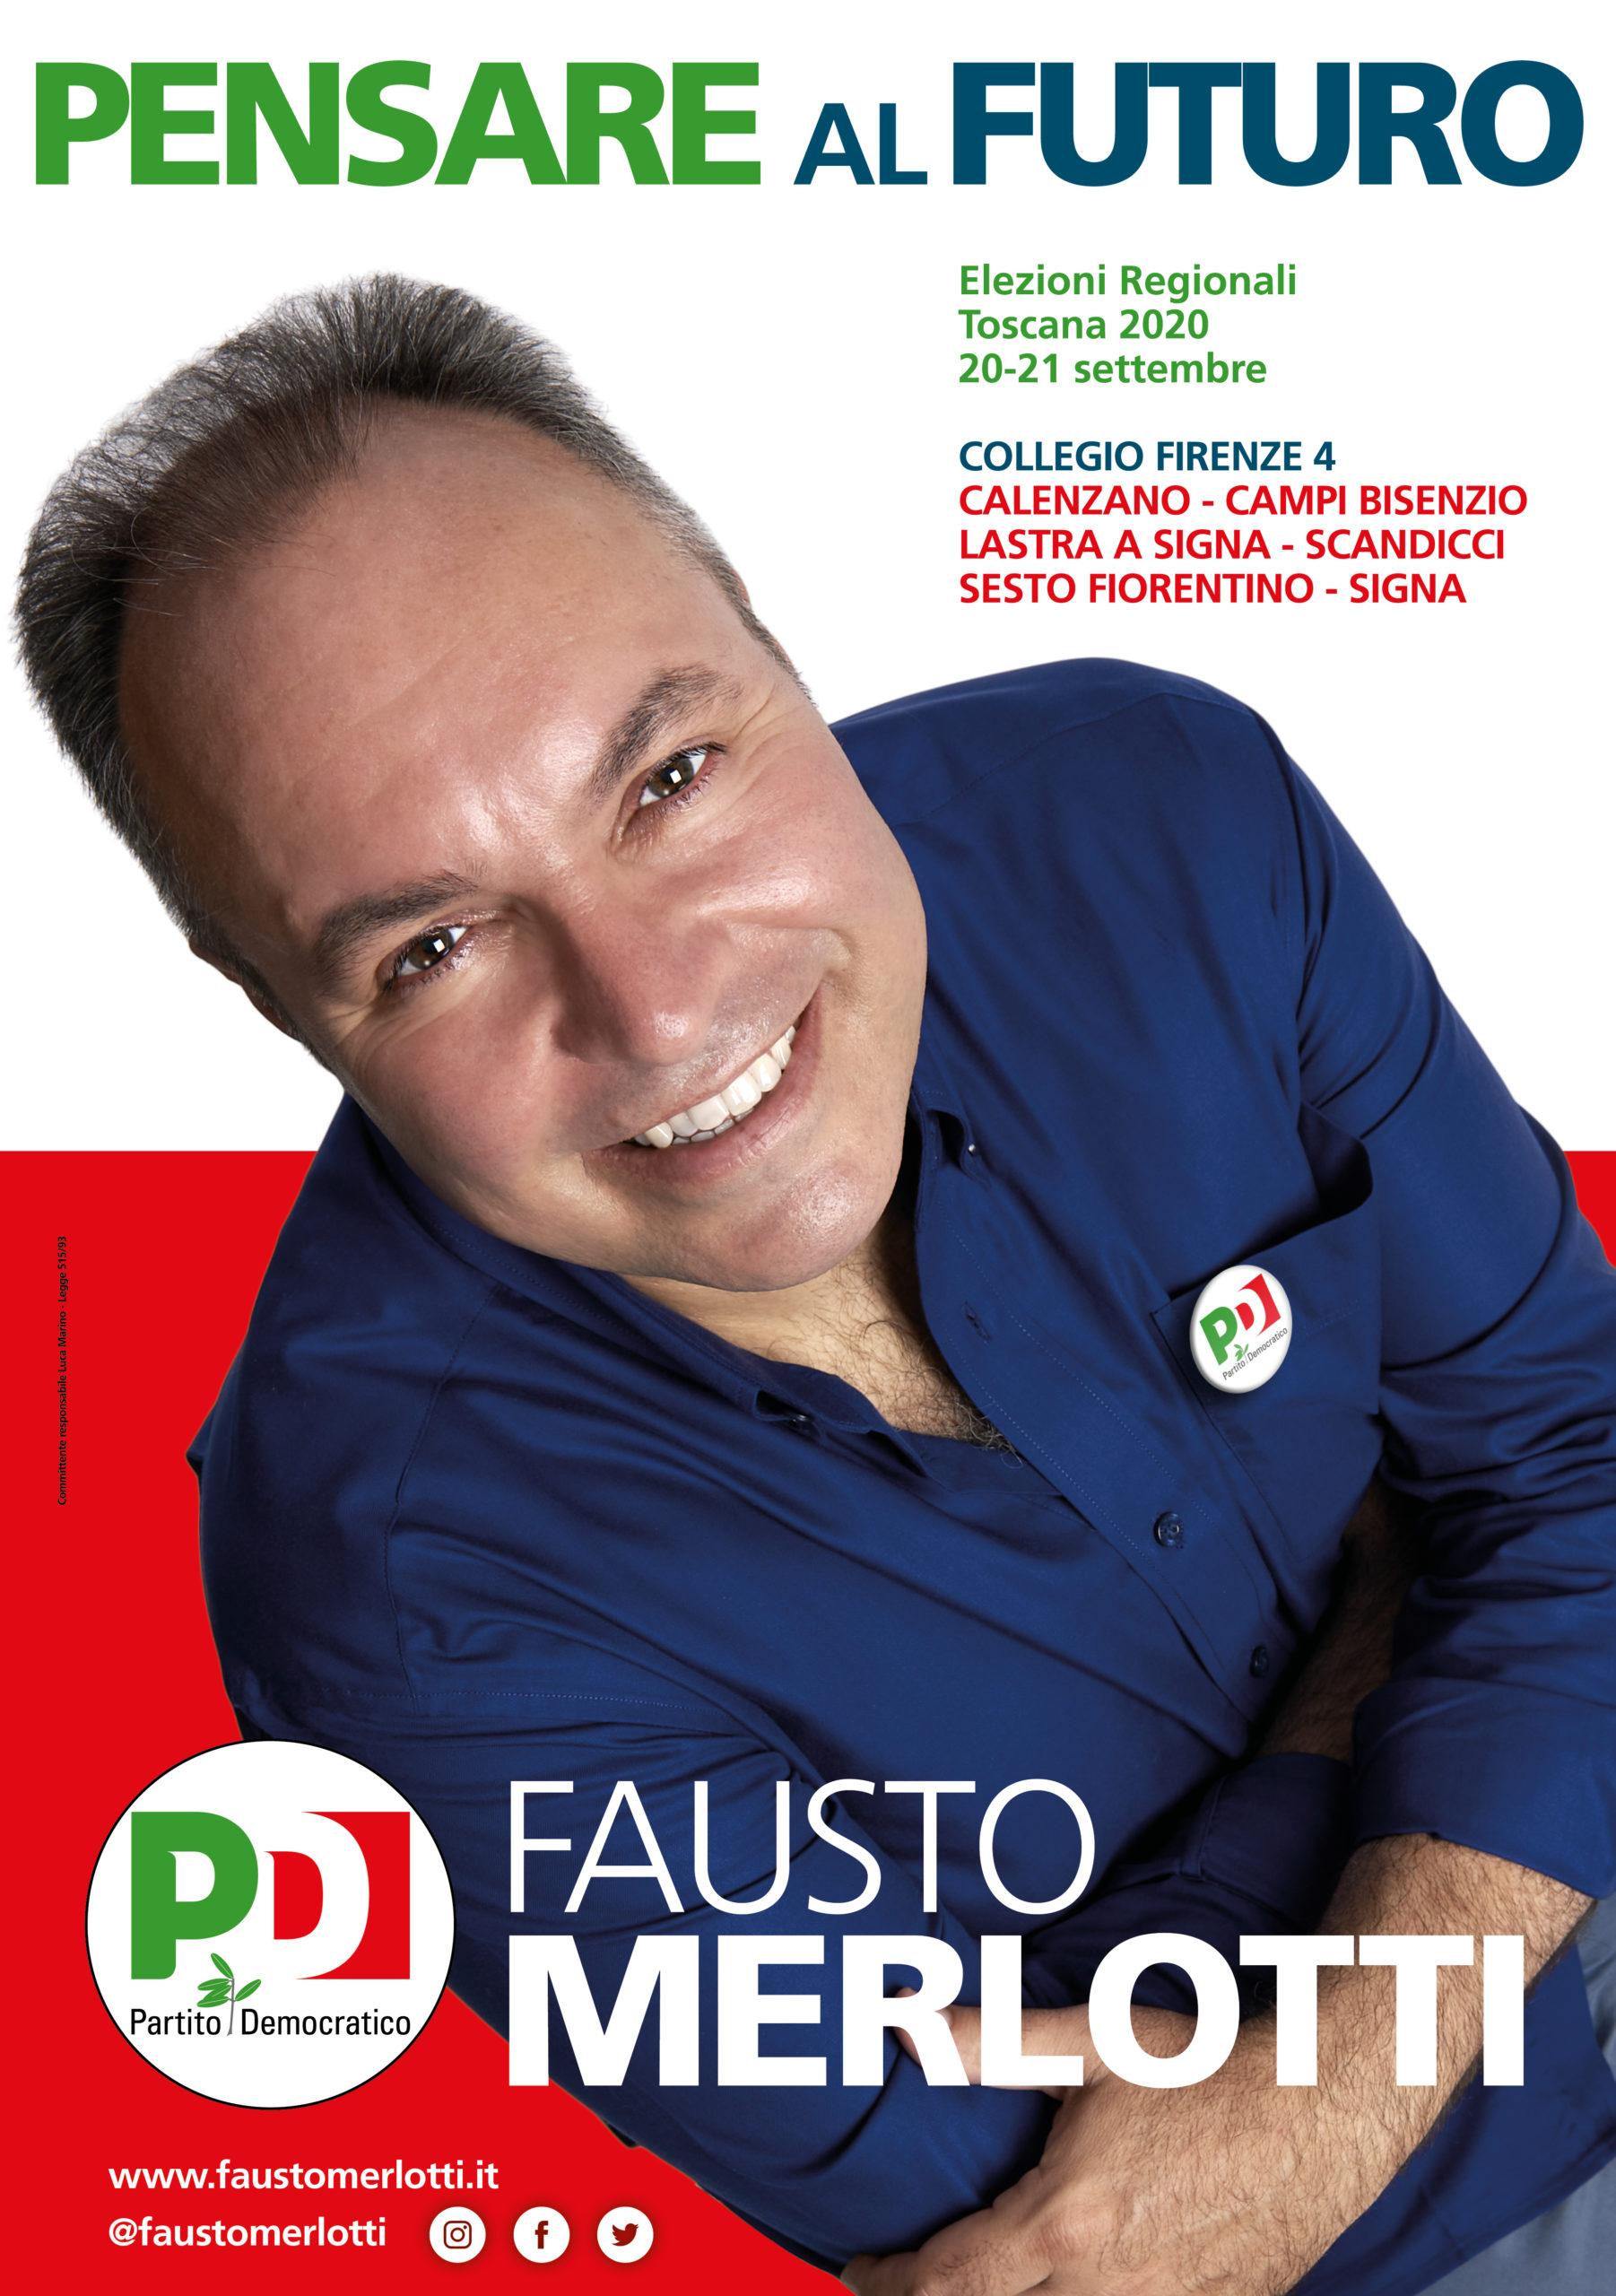 Fausto Merlotti campagna elettorale PD regionali toscana 2020 consigliere regionale